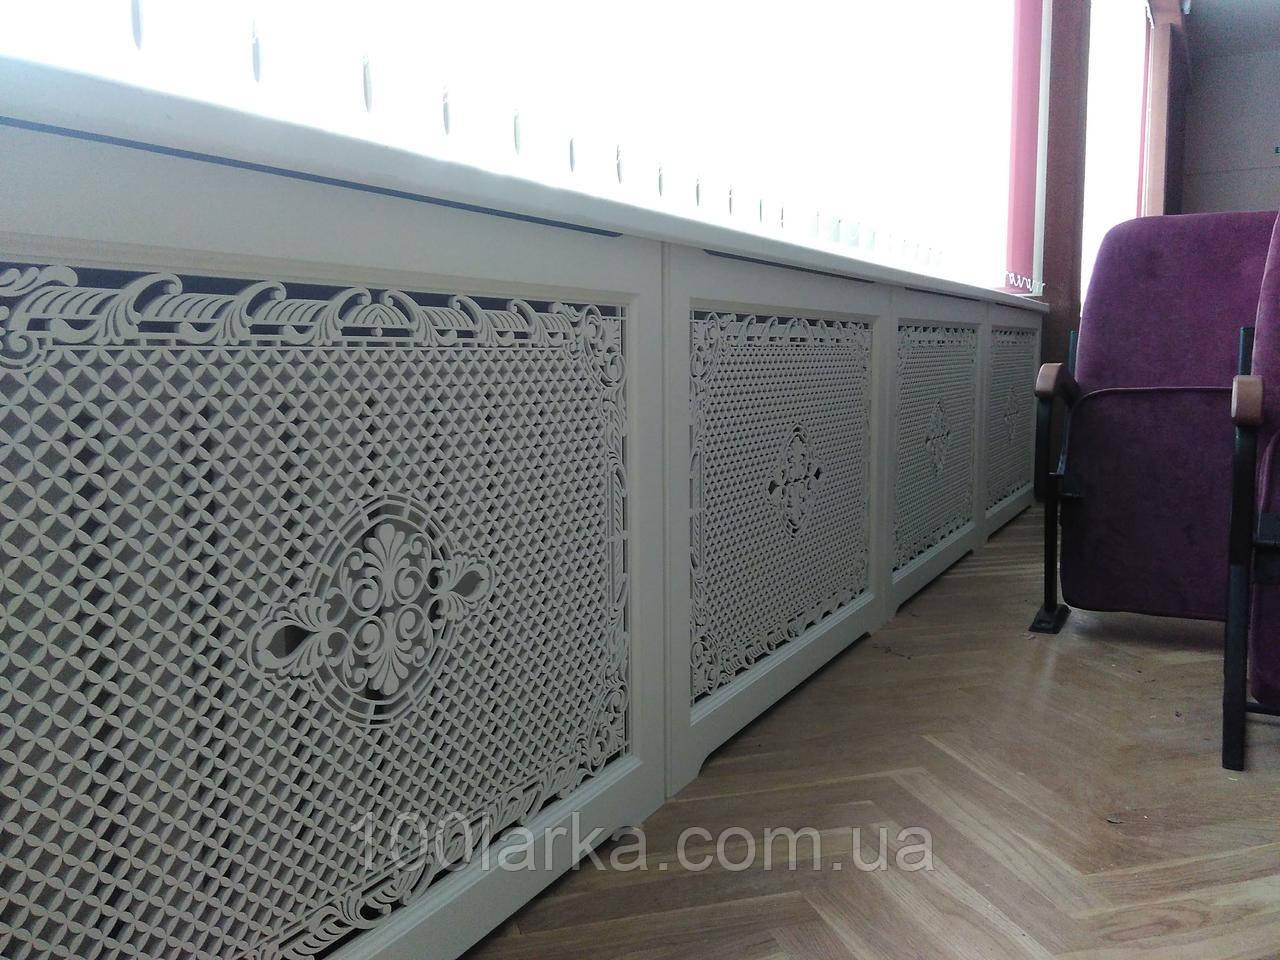 Решітка батарею опалення Екран (короб) дерев'яний R8-F60 Білий 780 мм в комплекті з кріпленнями